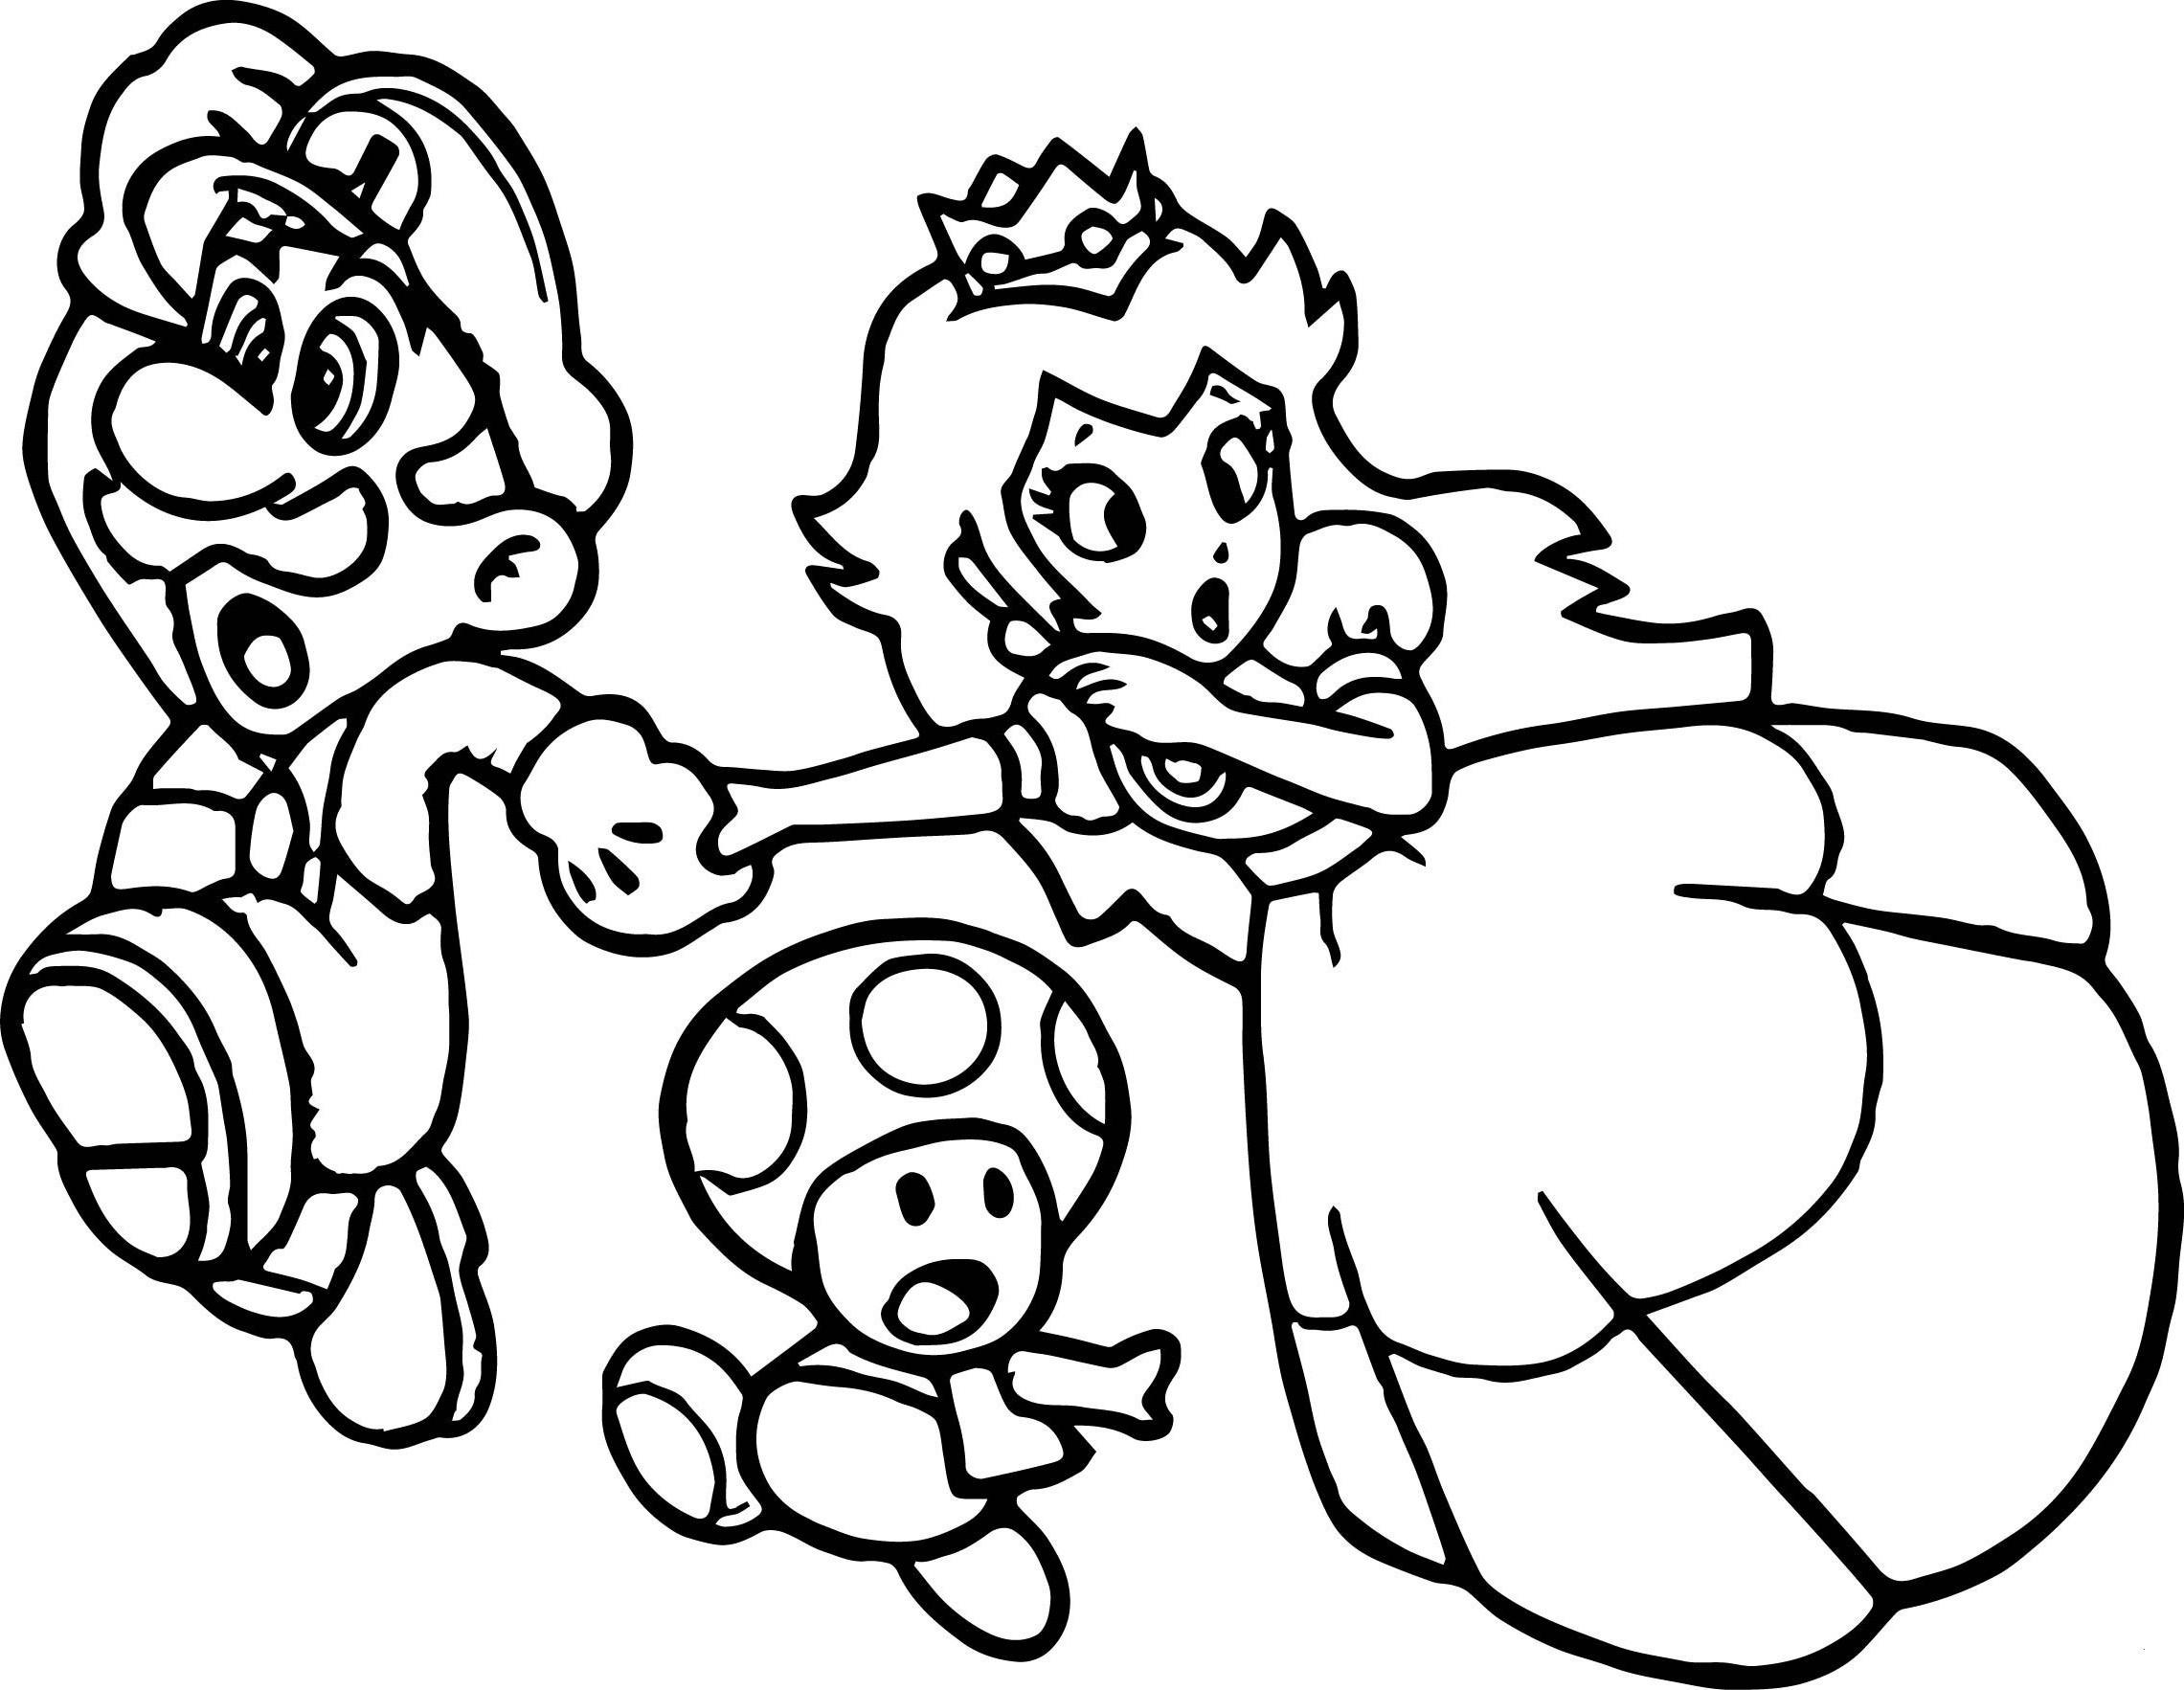 Super Mario Ausmalbilder Neu 28 Inspirierend Ausmalbild Super Mario – Malvorlagen Ideen Fotos